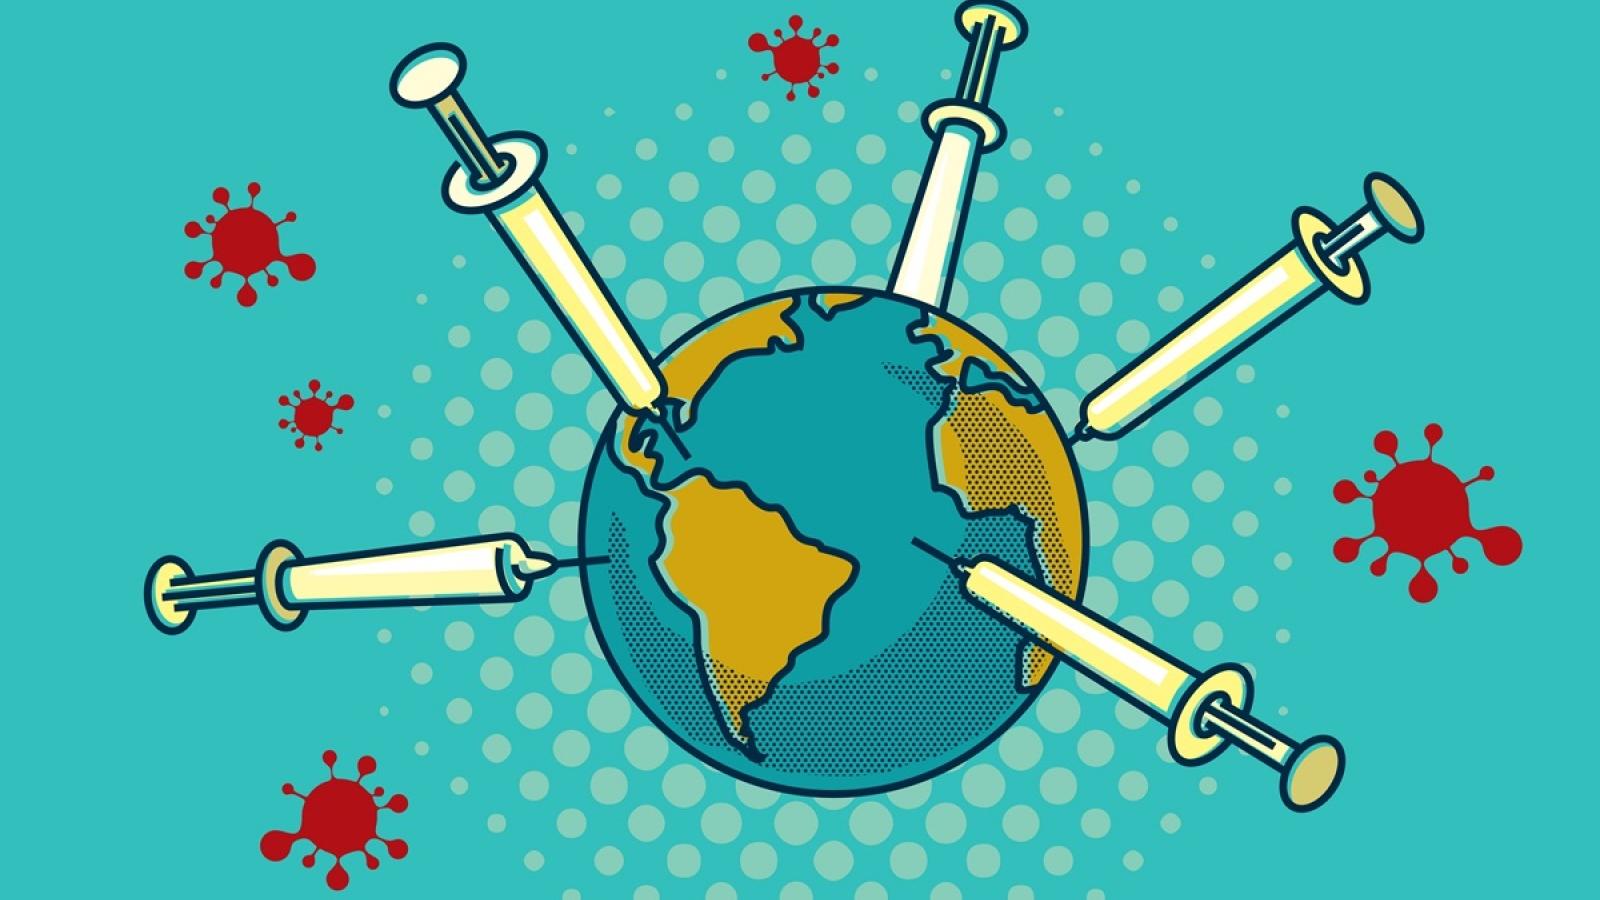 WTO bị chia rẽ khi đề xuất dỡ bỏ độc quyền sáng chế vaccine Covid-19